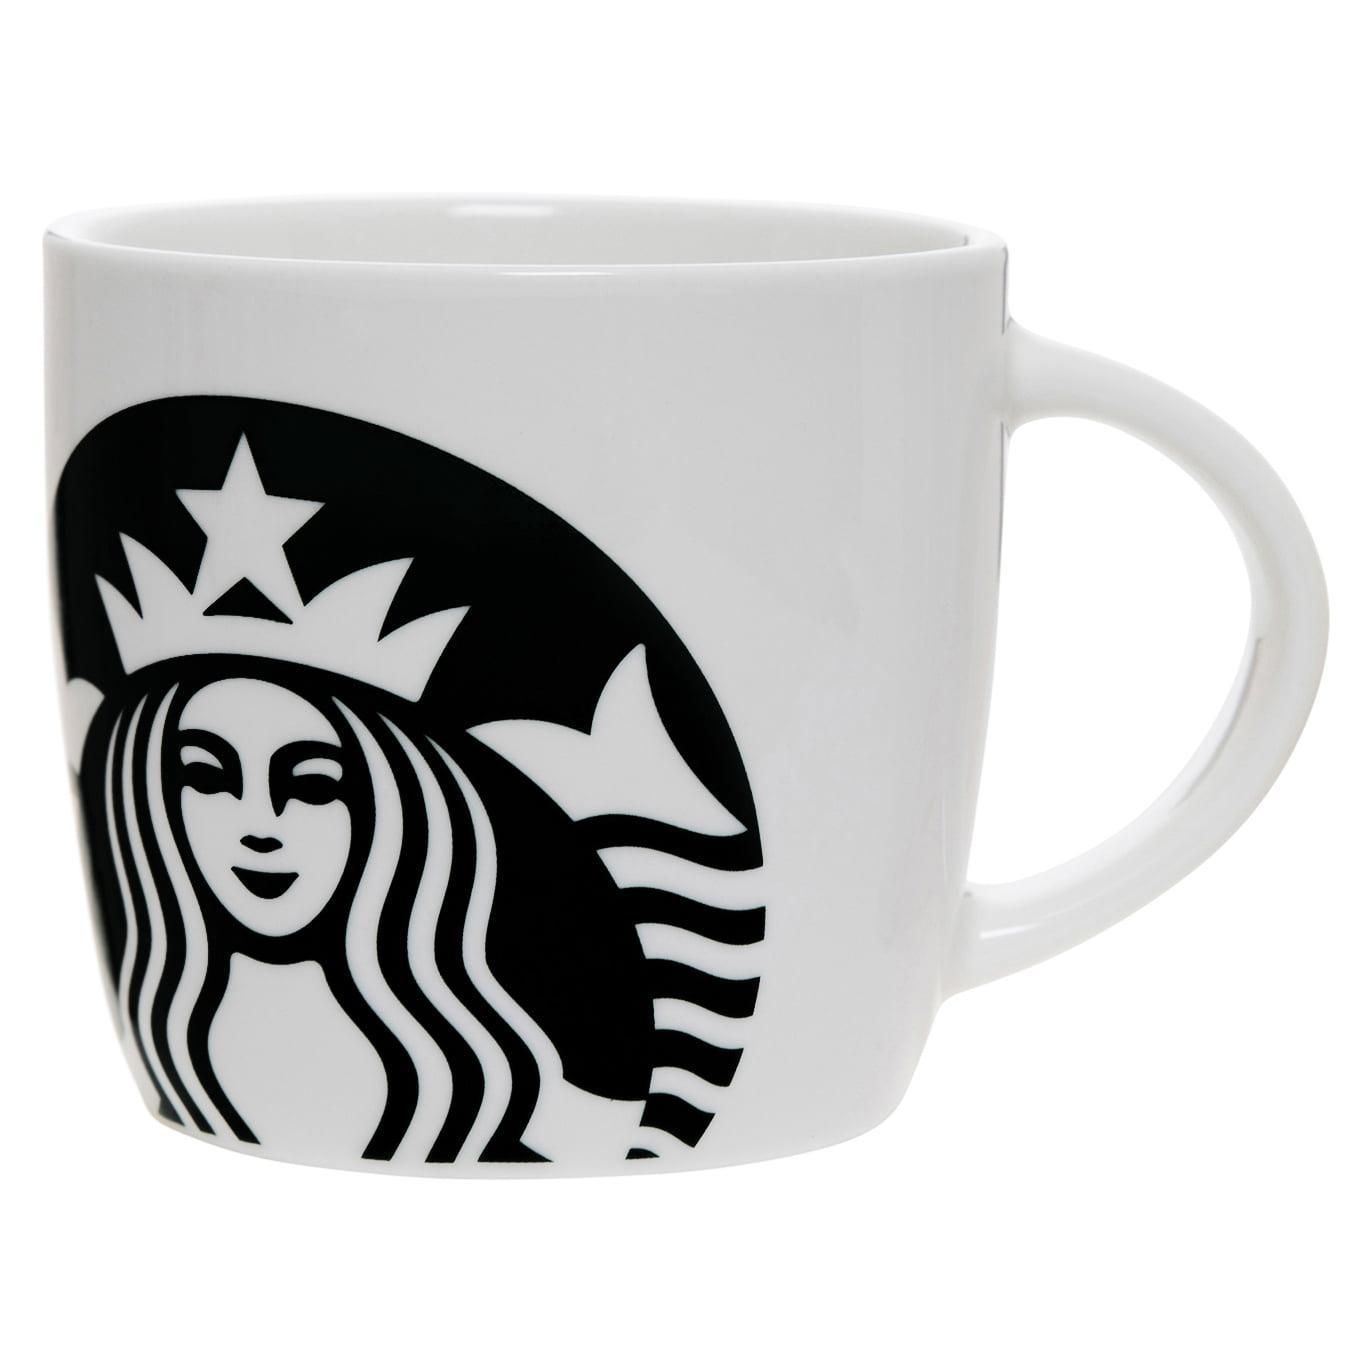 Starbucks 14oz Ceramic Mug White